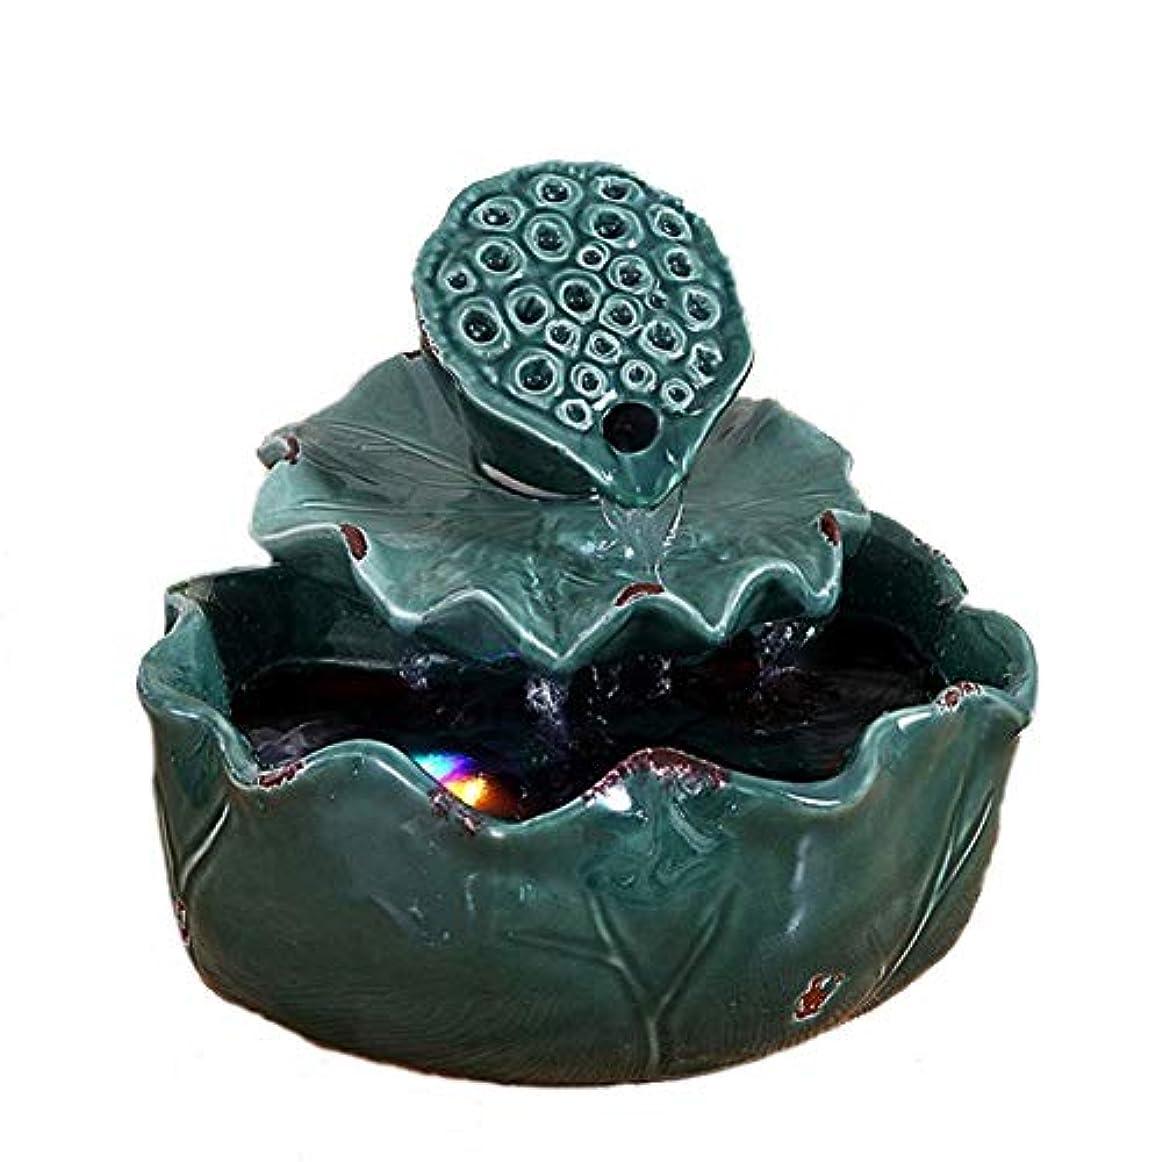 モトリーランダム実験室空気加湿器クリエイティブロータス卓上装飾装飾セラミック工芸絶妙なギフト